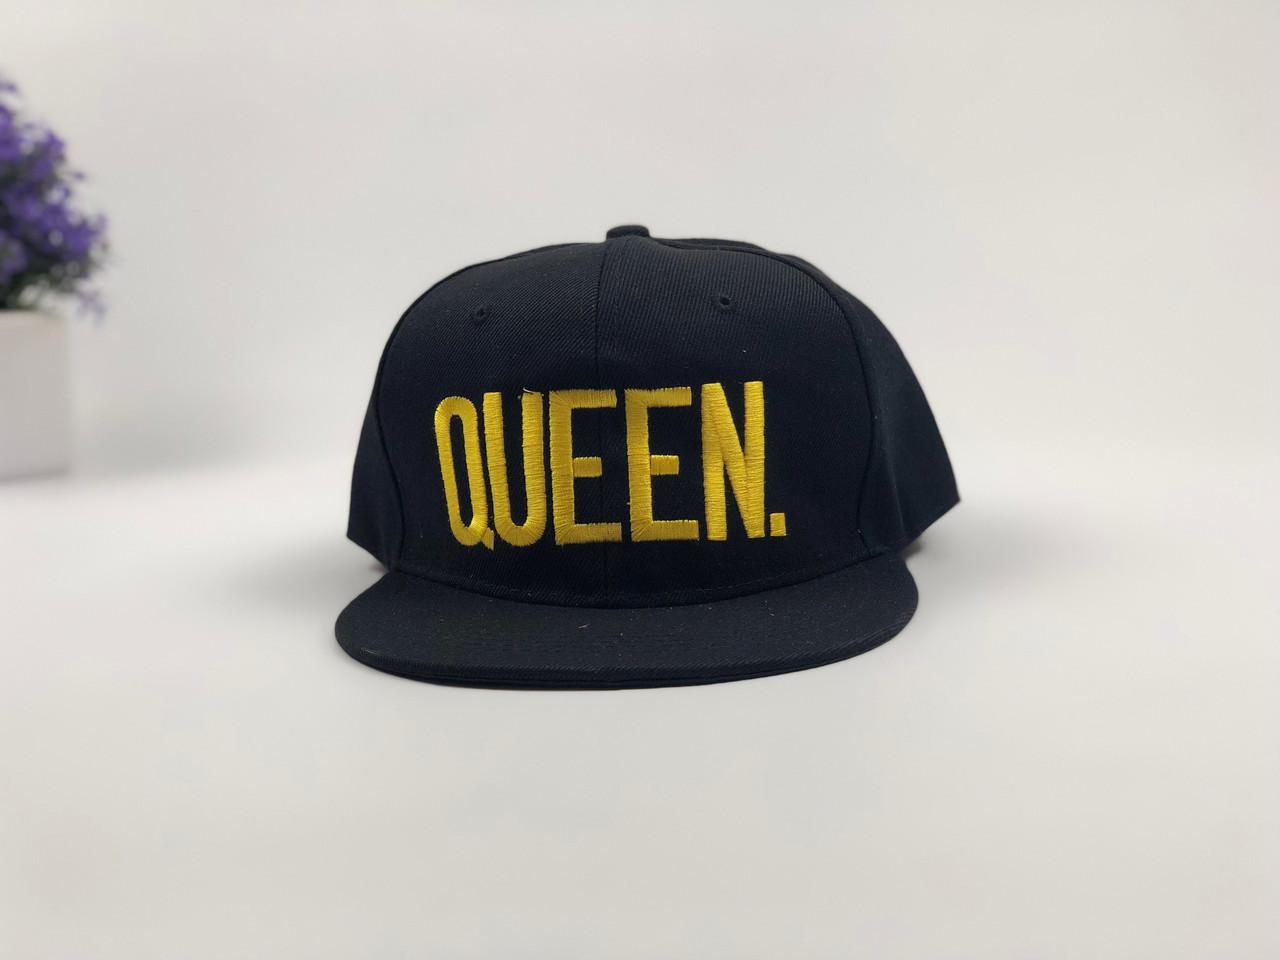 Снэпбек Queen - чорний, золоте лого